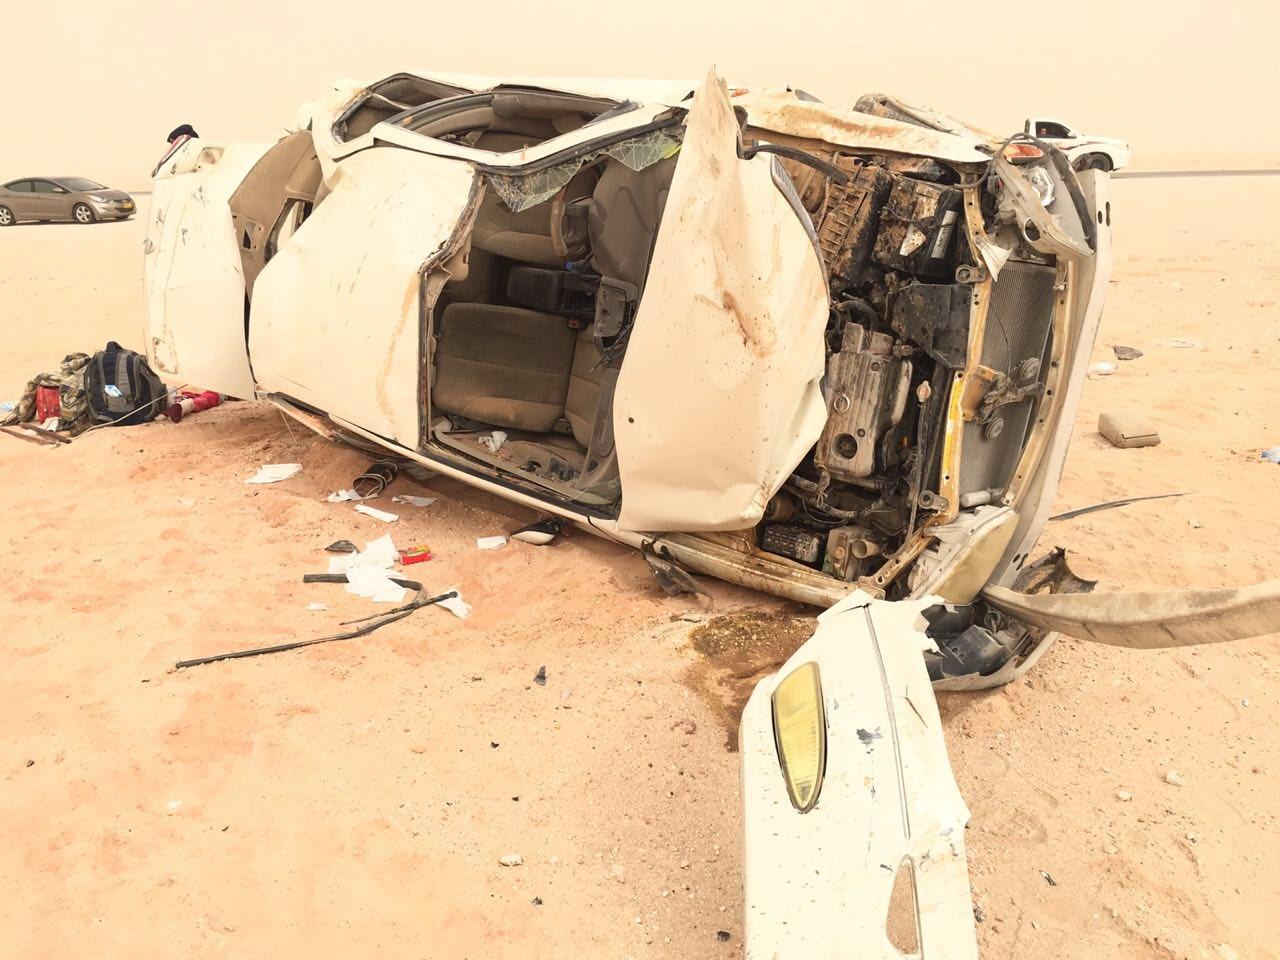 وفاة في تدهور مركبة و3 إصابات.. والشرطة توضح